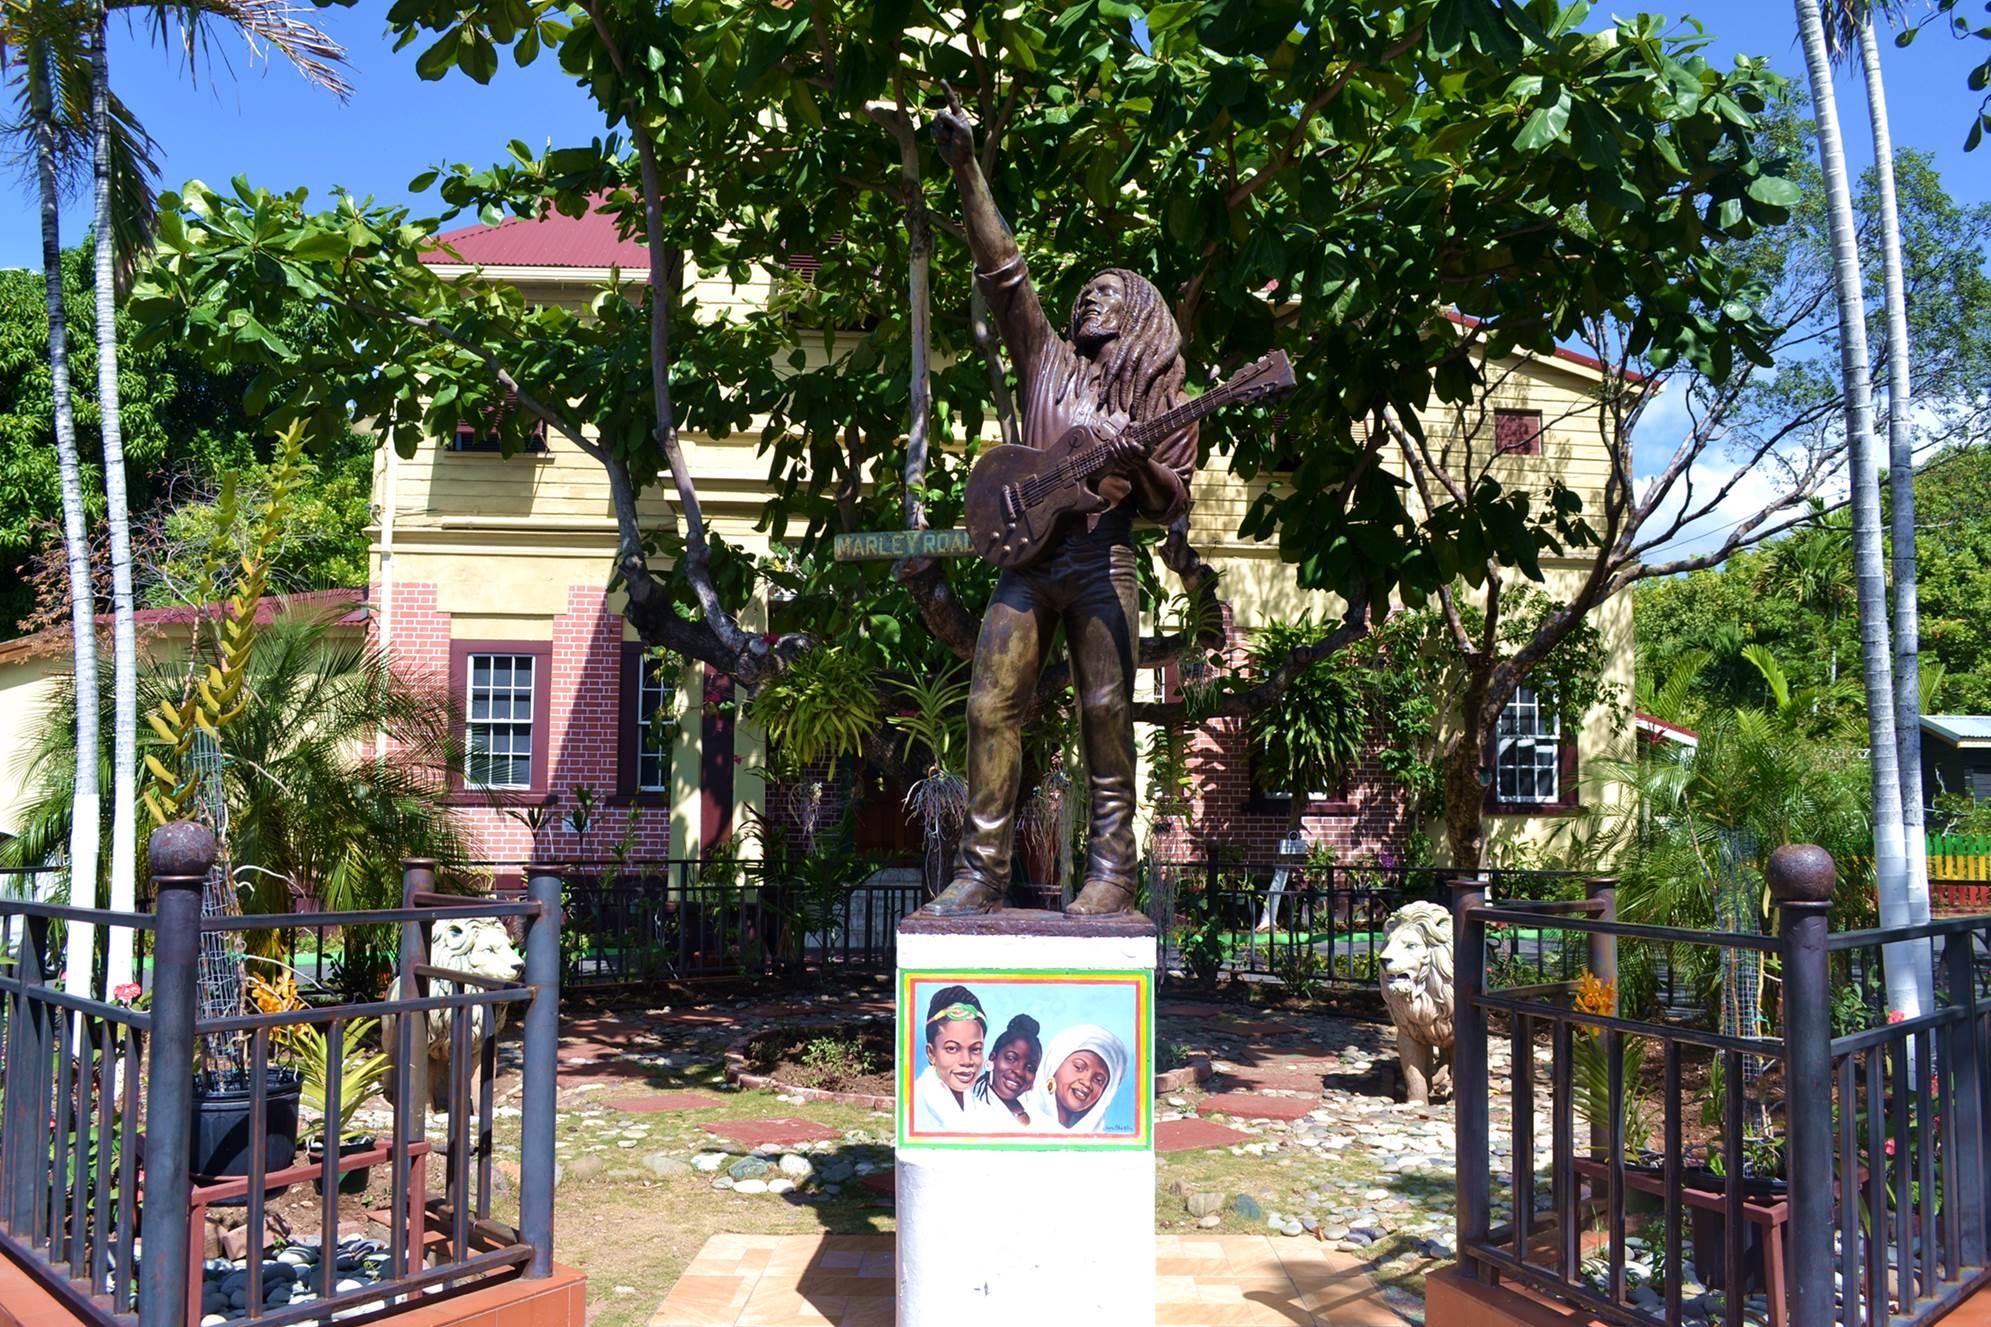 kingston_jamaica_bobmarleymuseum